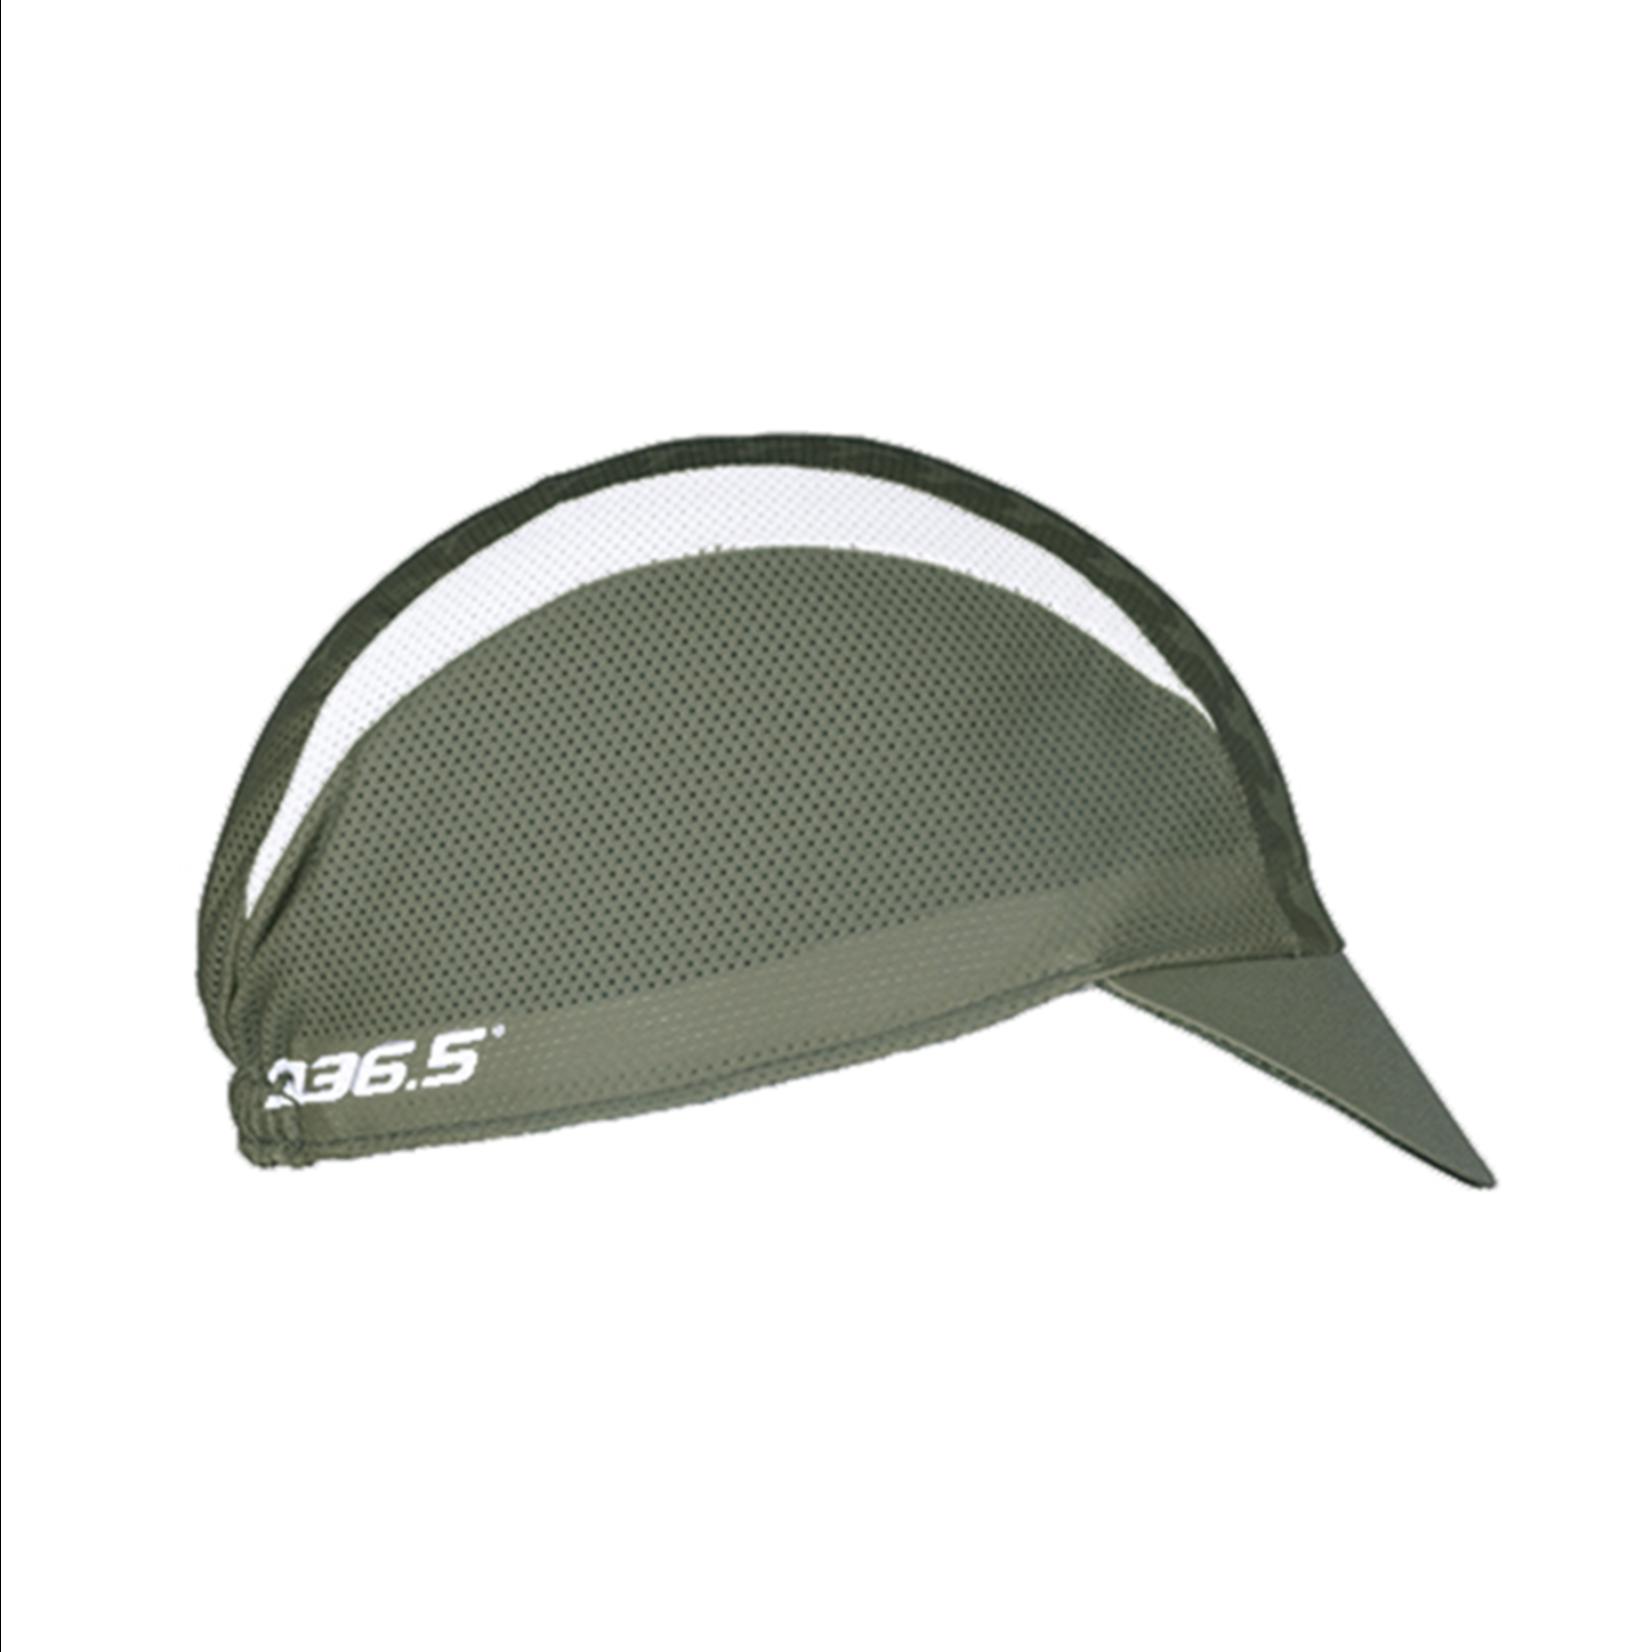 Q36.5 Q36.5 Summer Cap L1 - Olive Green